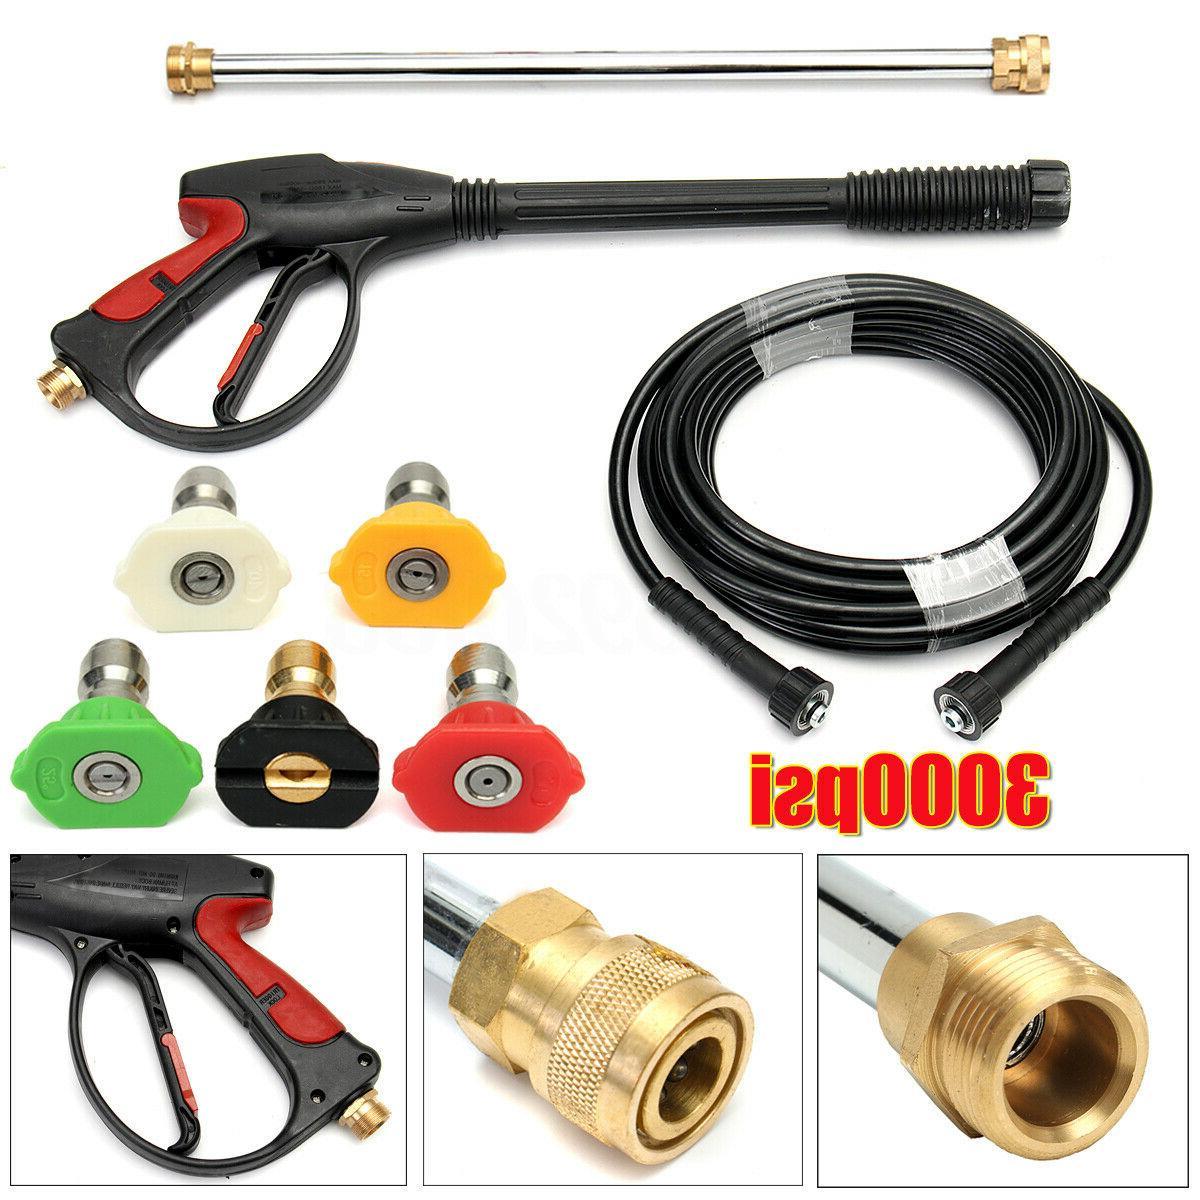 3000 High Car Power Washer Spray Gun Wand Tips Hose Kit